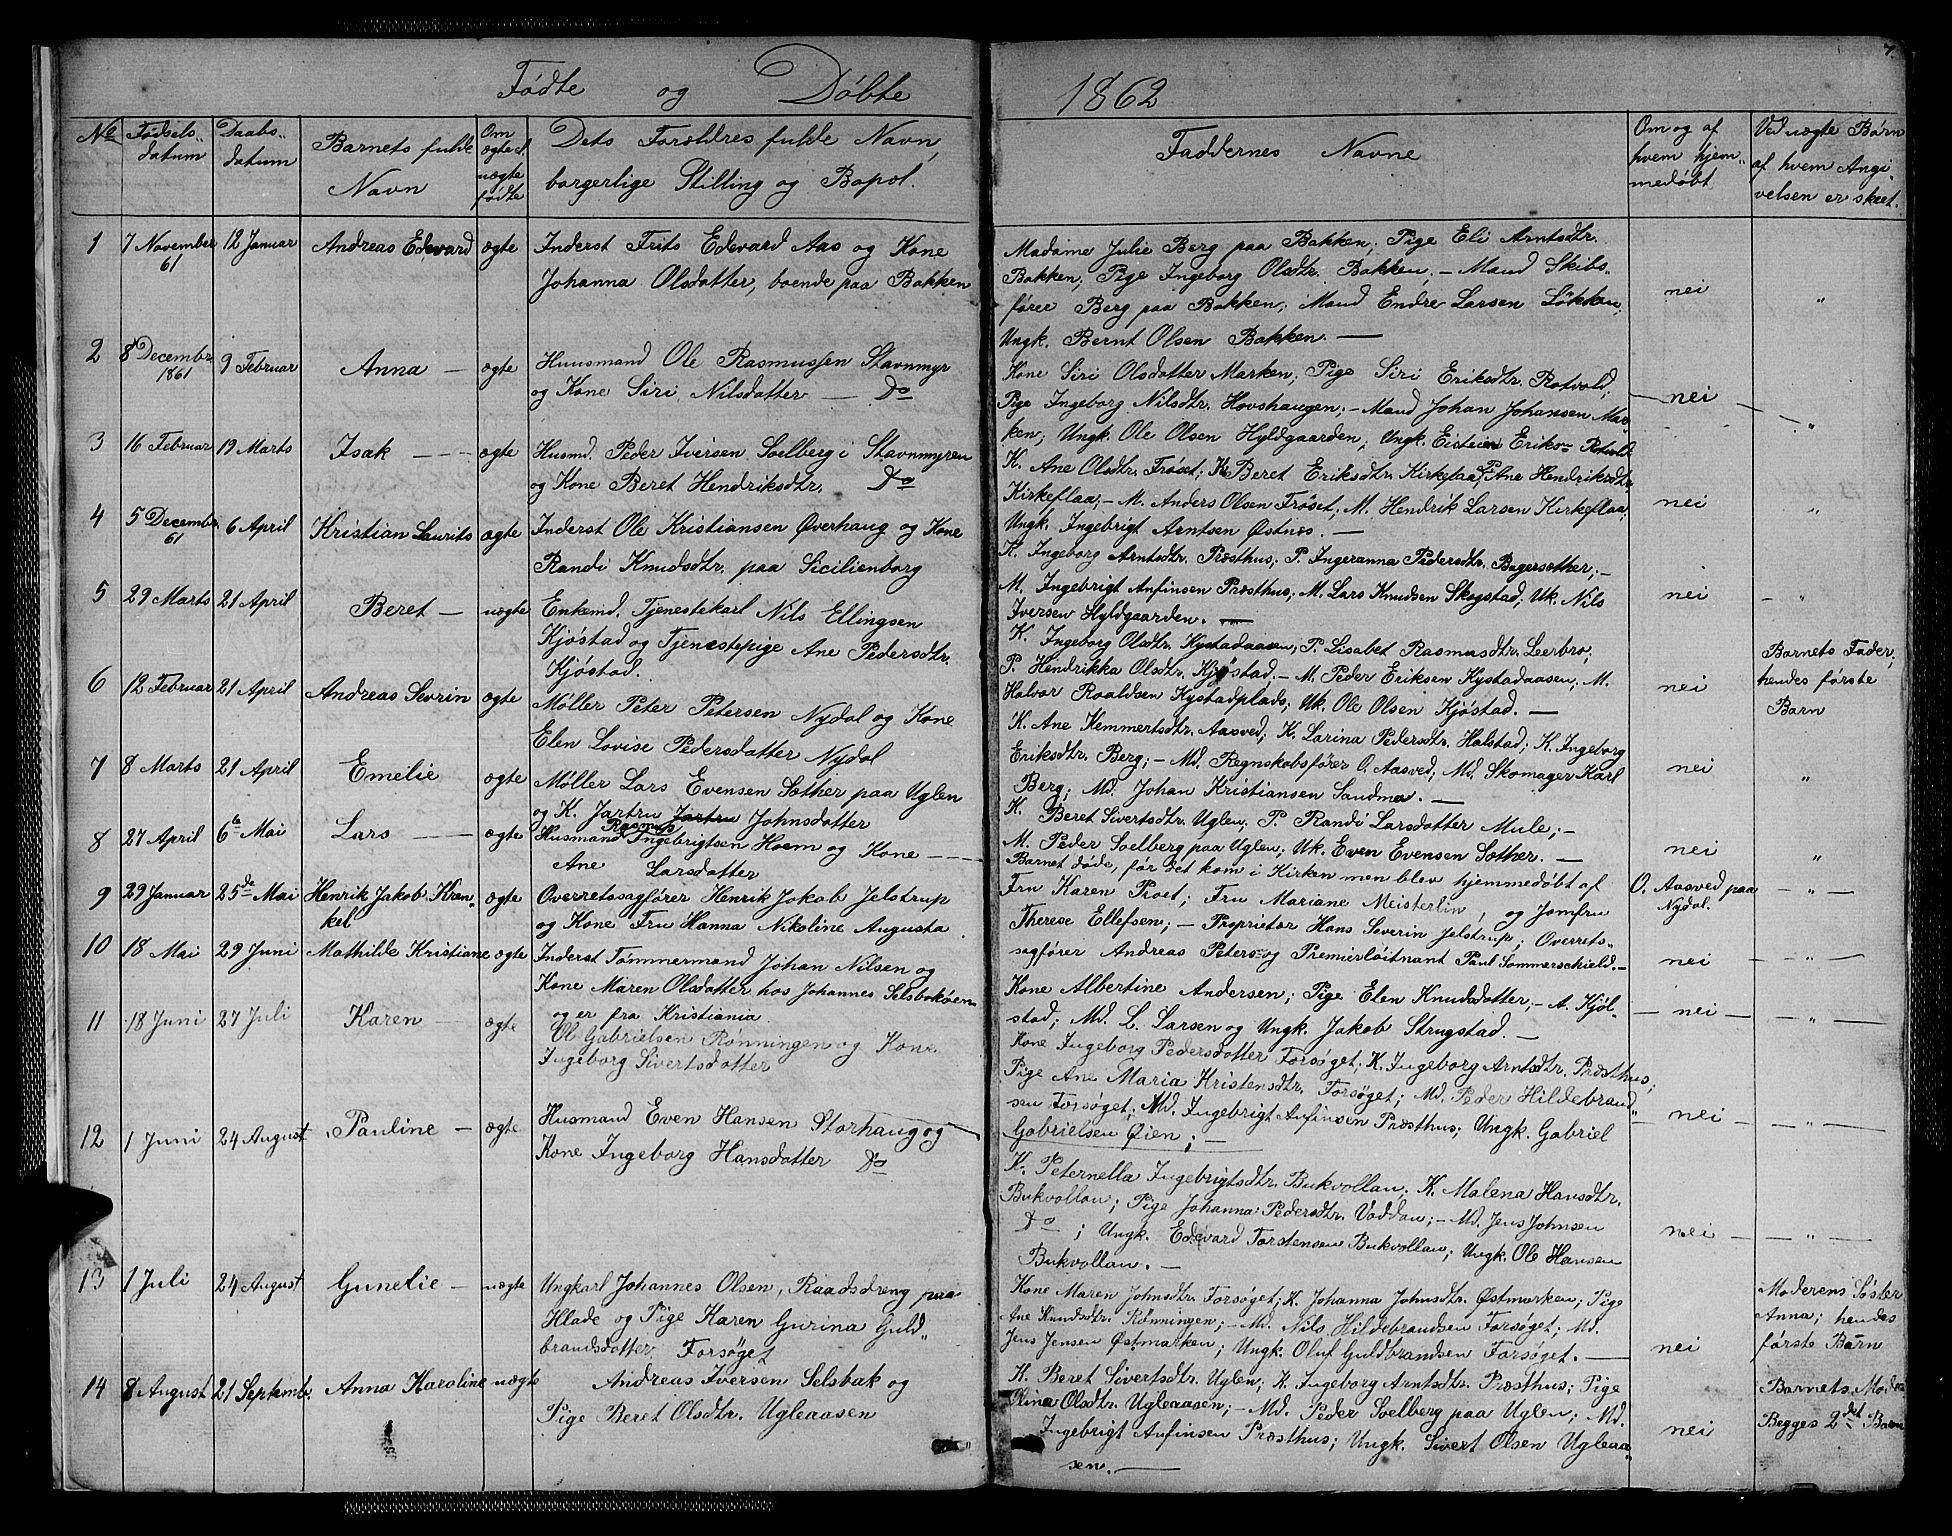 SAT, Ministerialprotokoller, klokkerbøker og fødselsregistre - Sør-Trøndelag, 611/L0353: Klokkerbok nr. 611C01, 1854-1881, s. 7